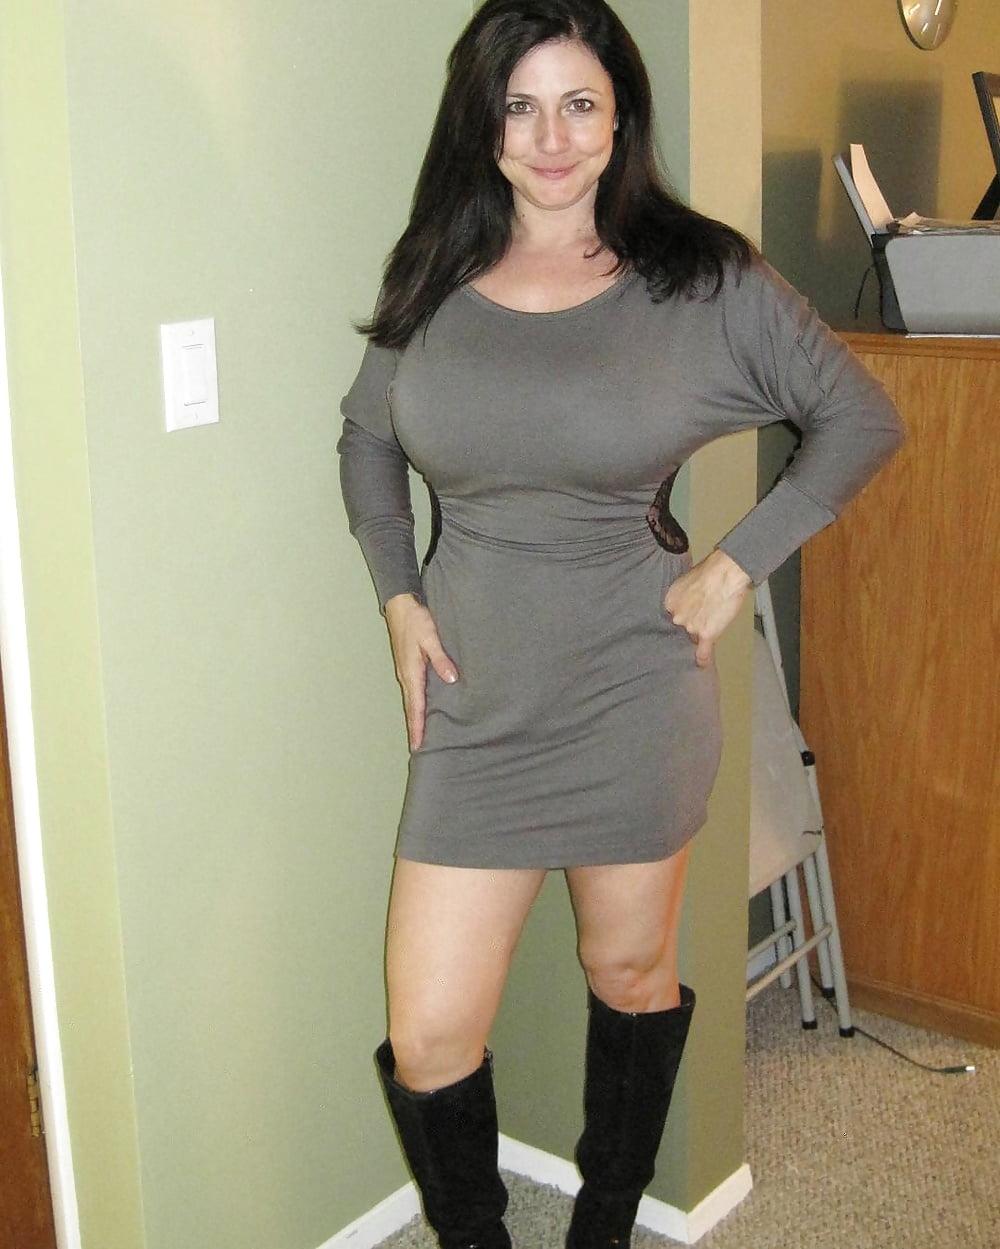 Фото мамочек в сексуальных платьях — 2